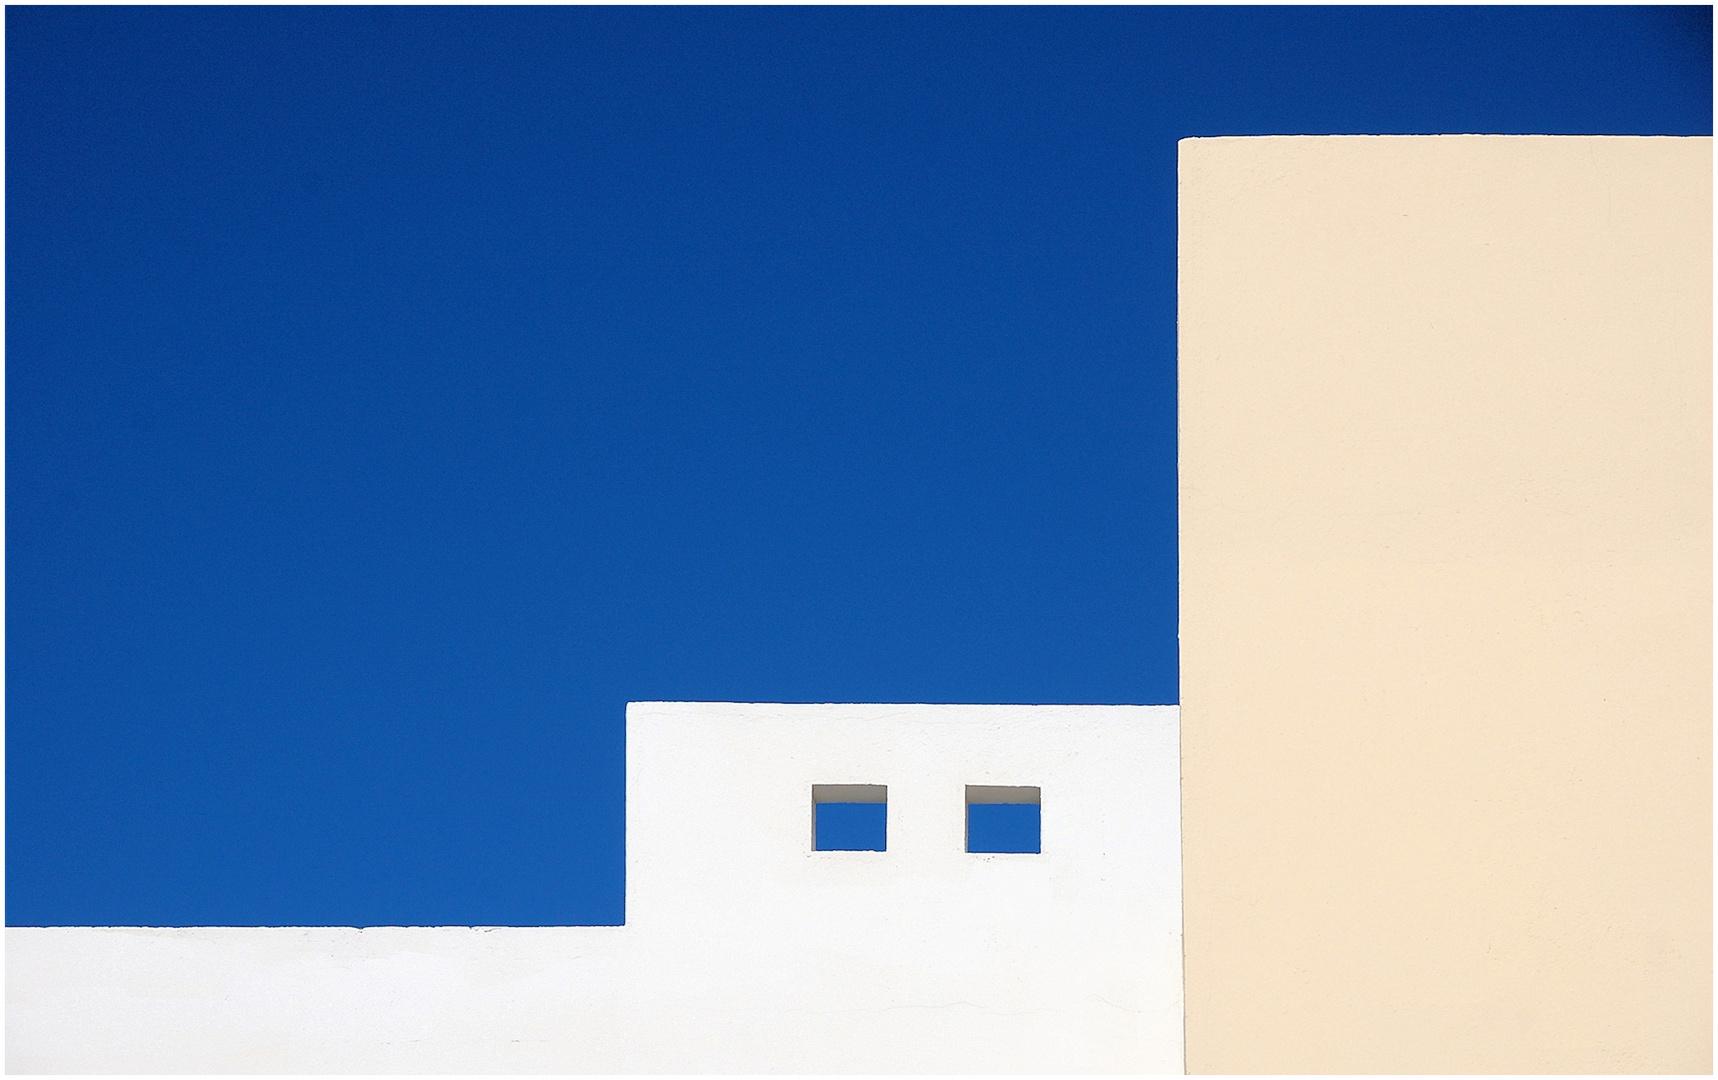 Zypern - Häuser, modern